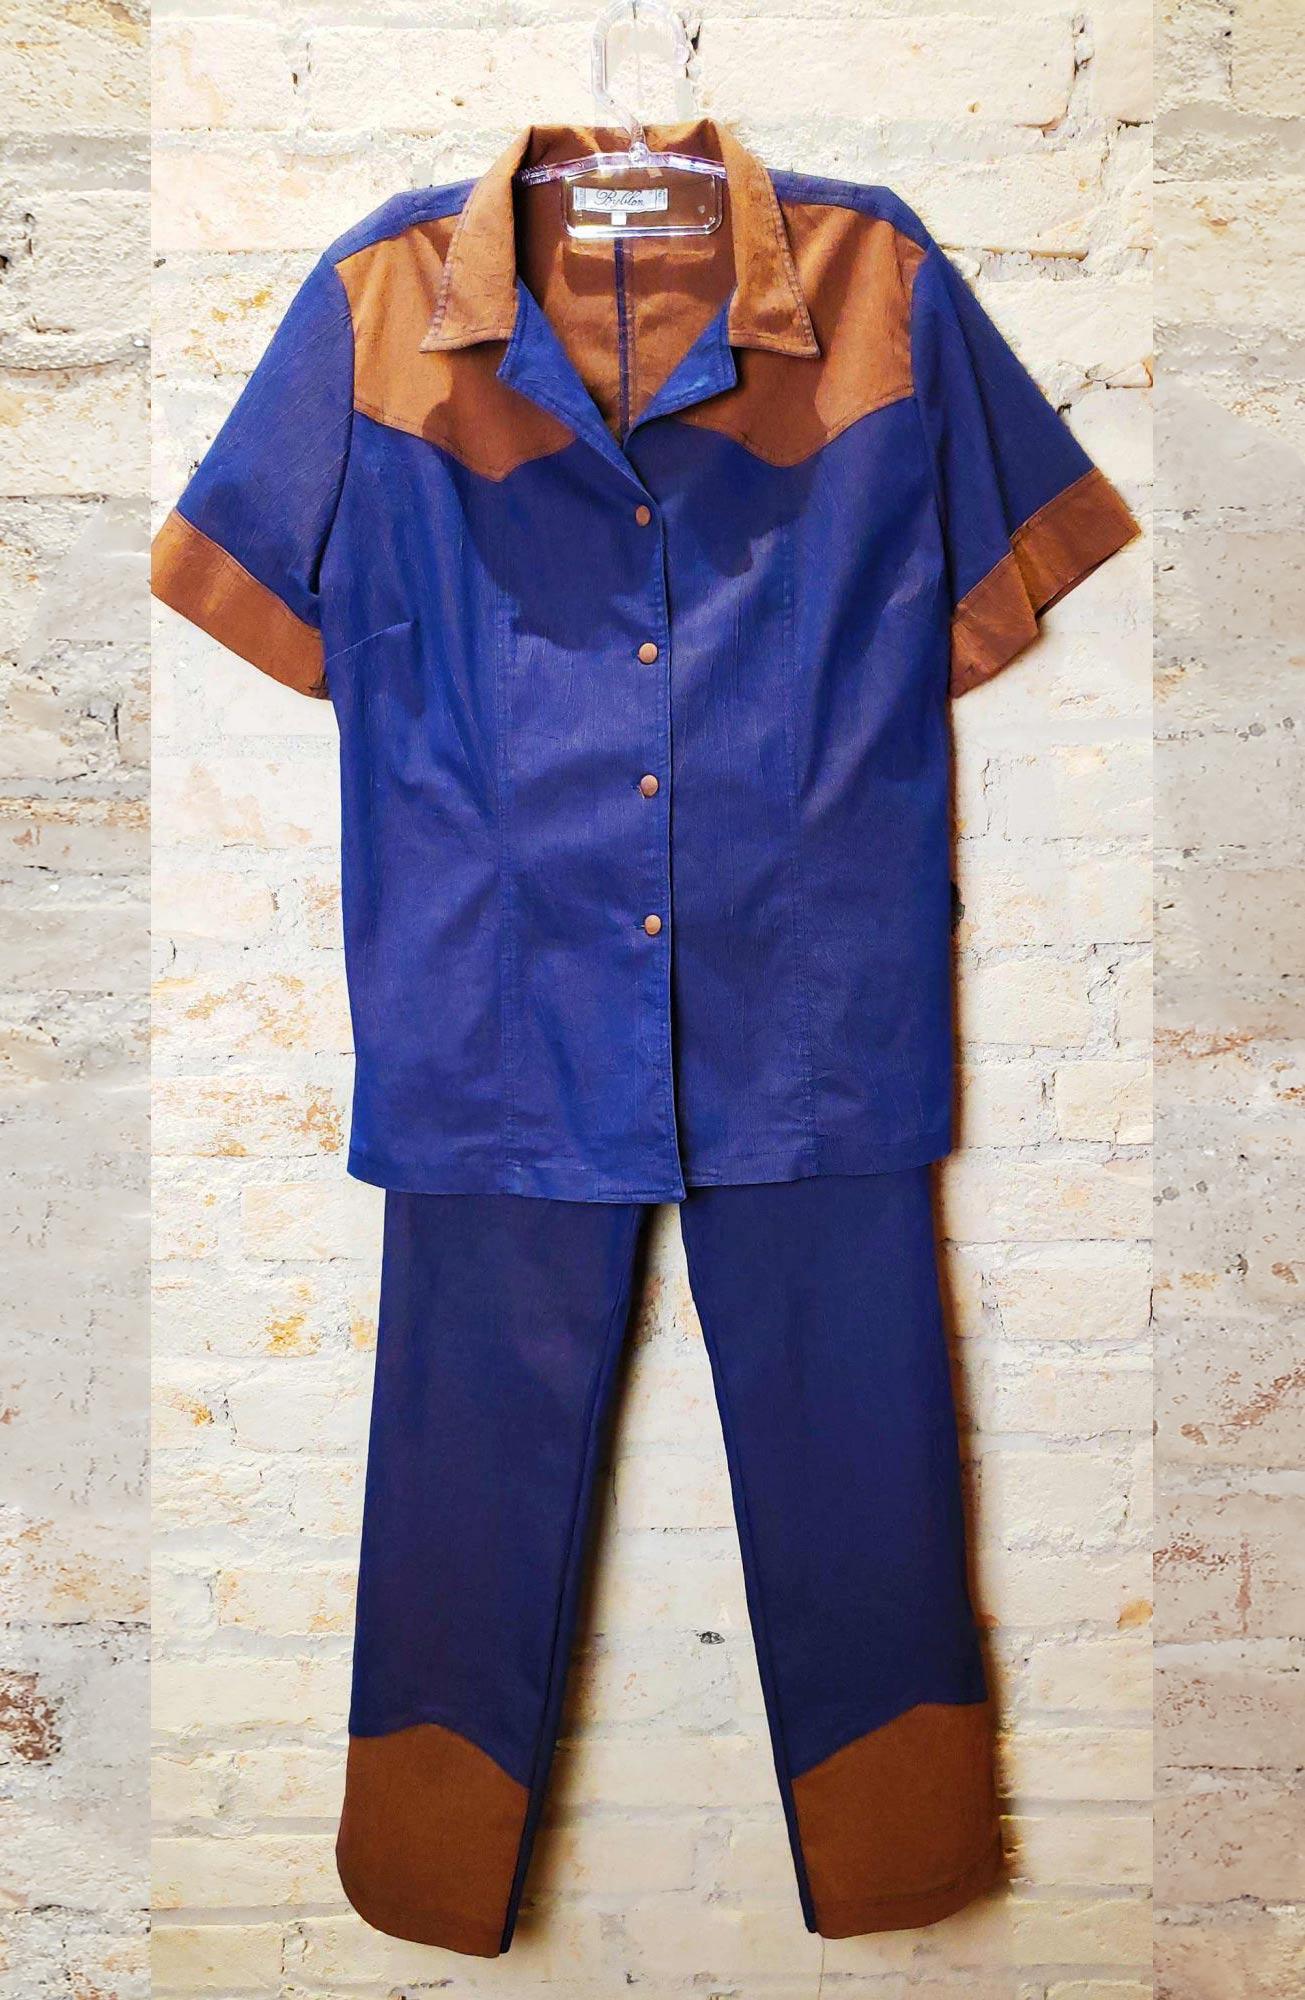 Conjunto azul anos 80